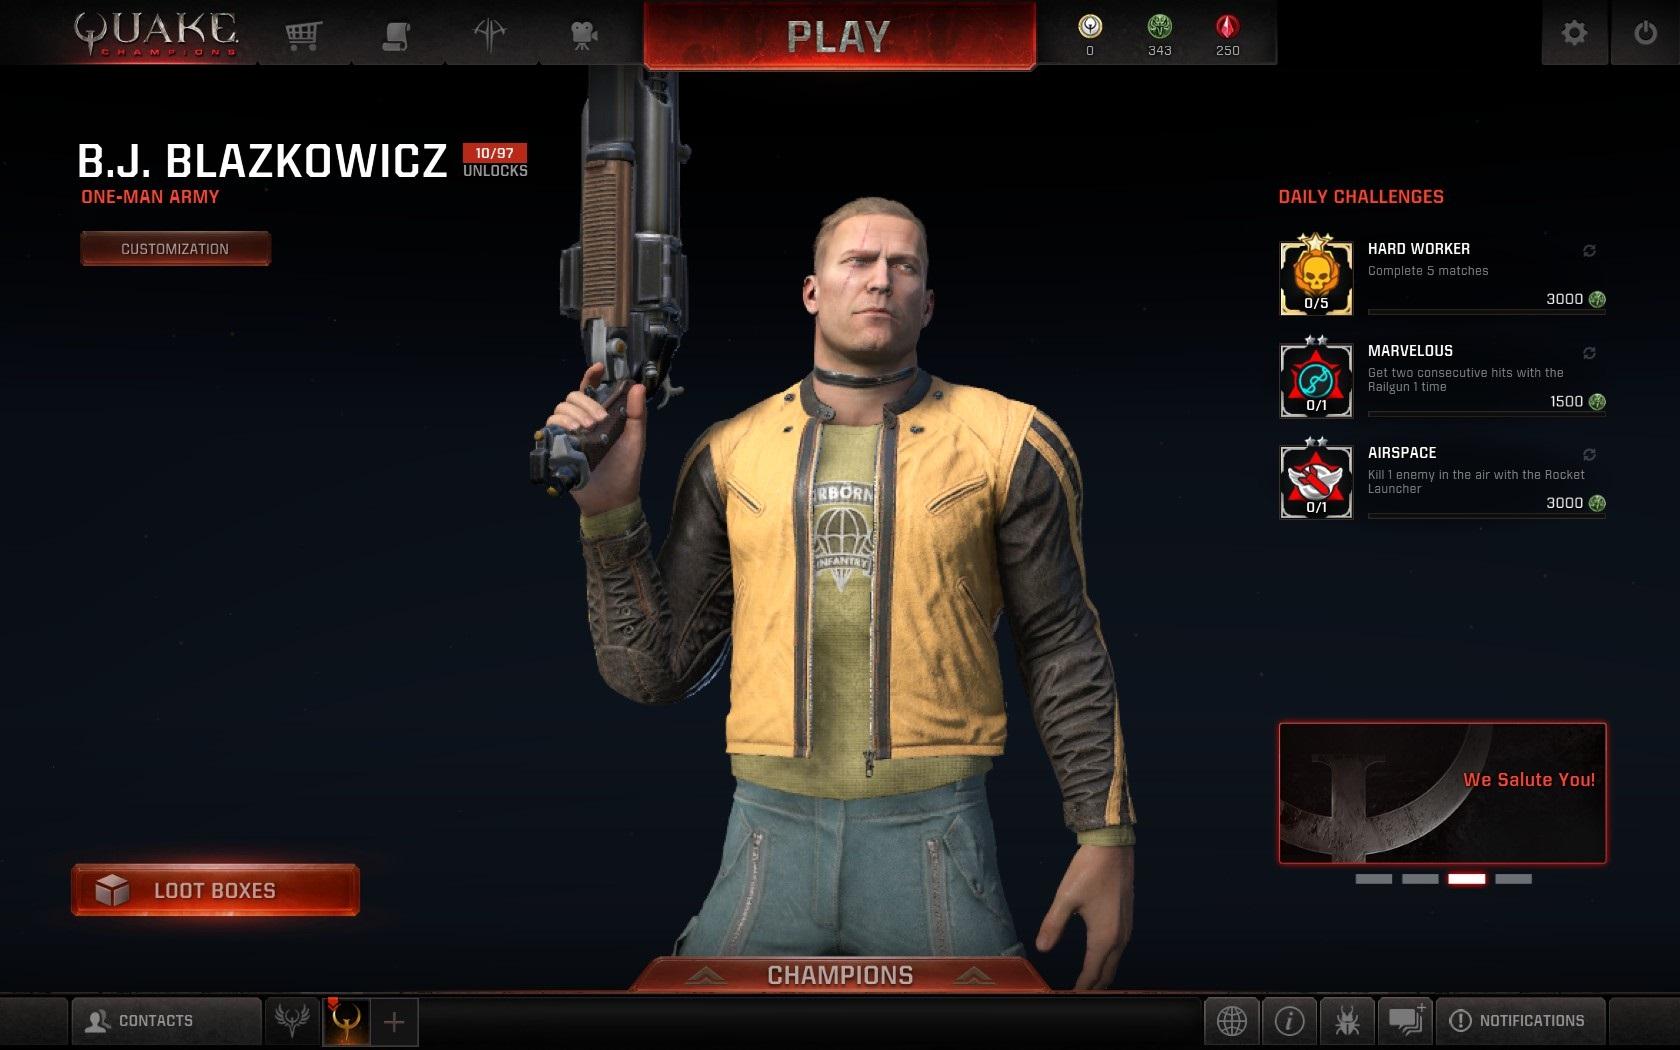 Wolfenstein 2: The New Colossus - jak BJ Blazkowicz likviduje nacisty na PC 152126